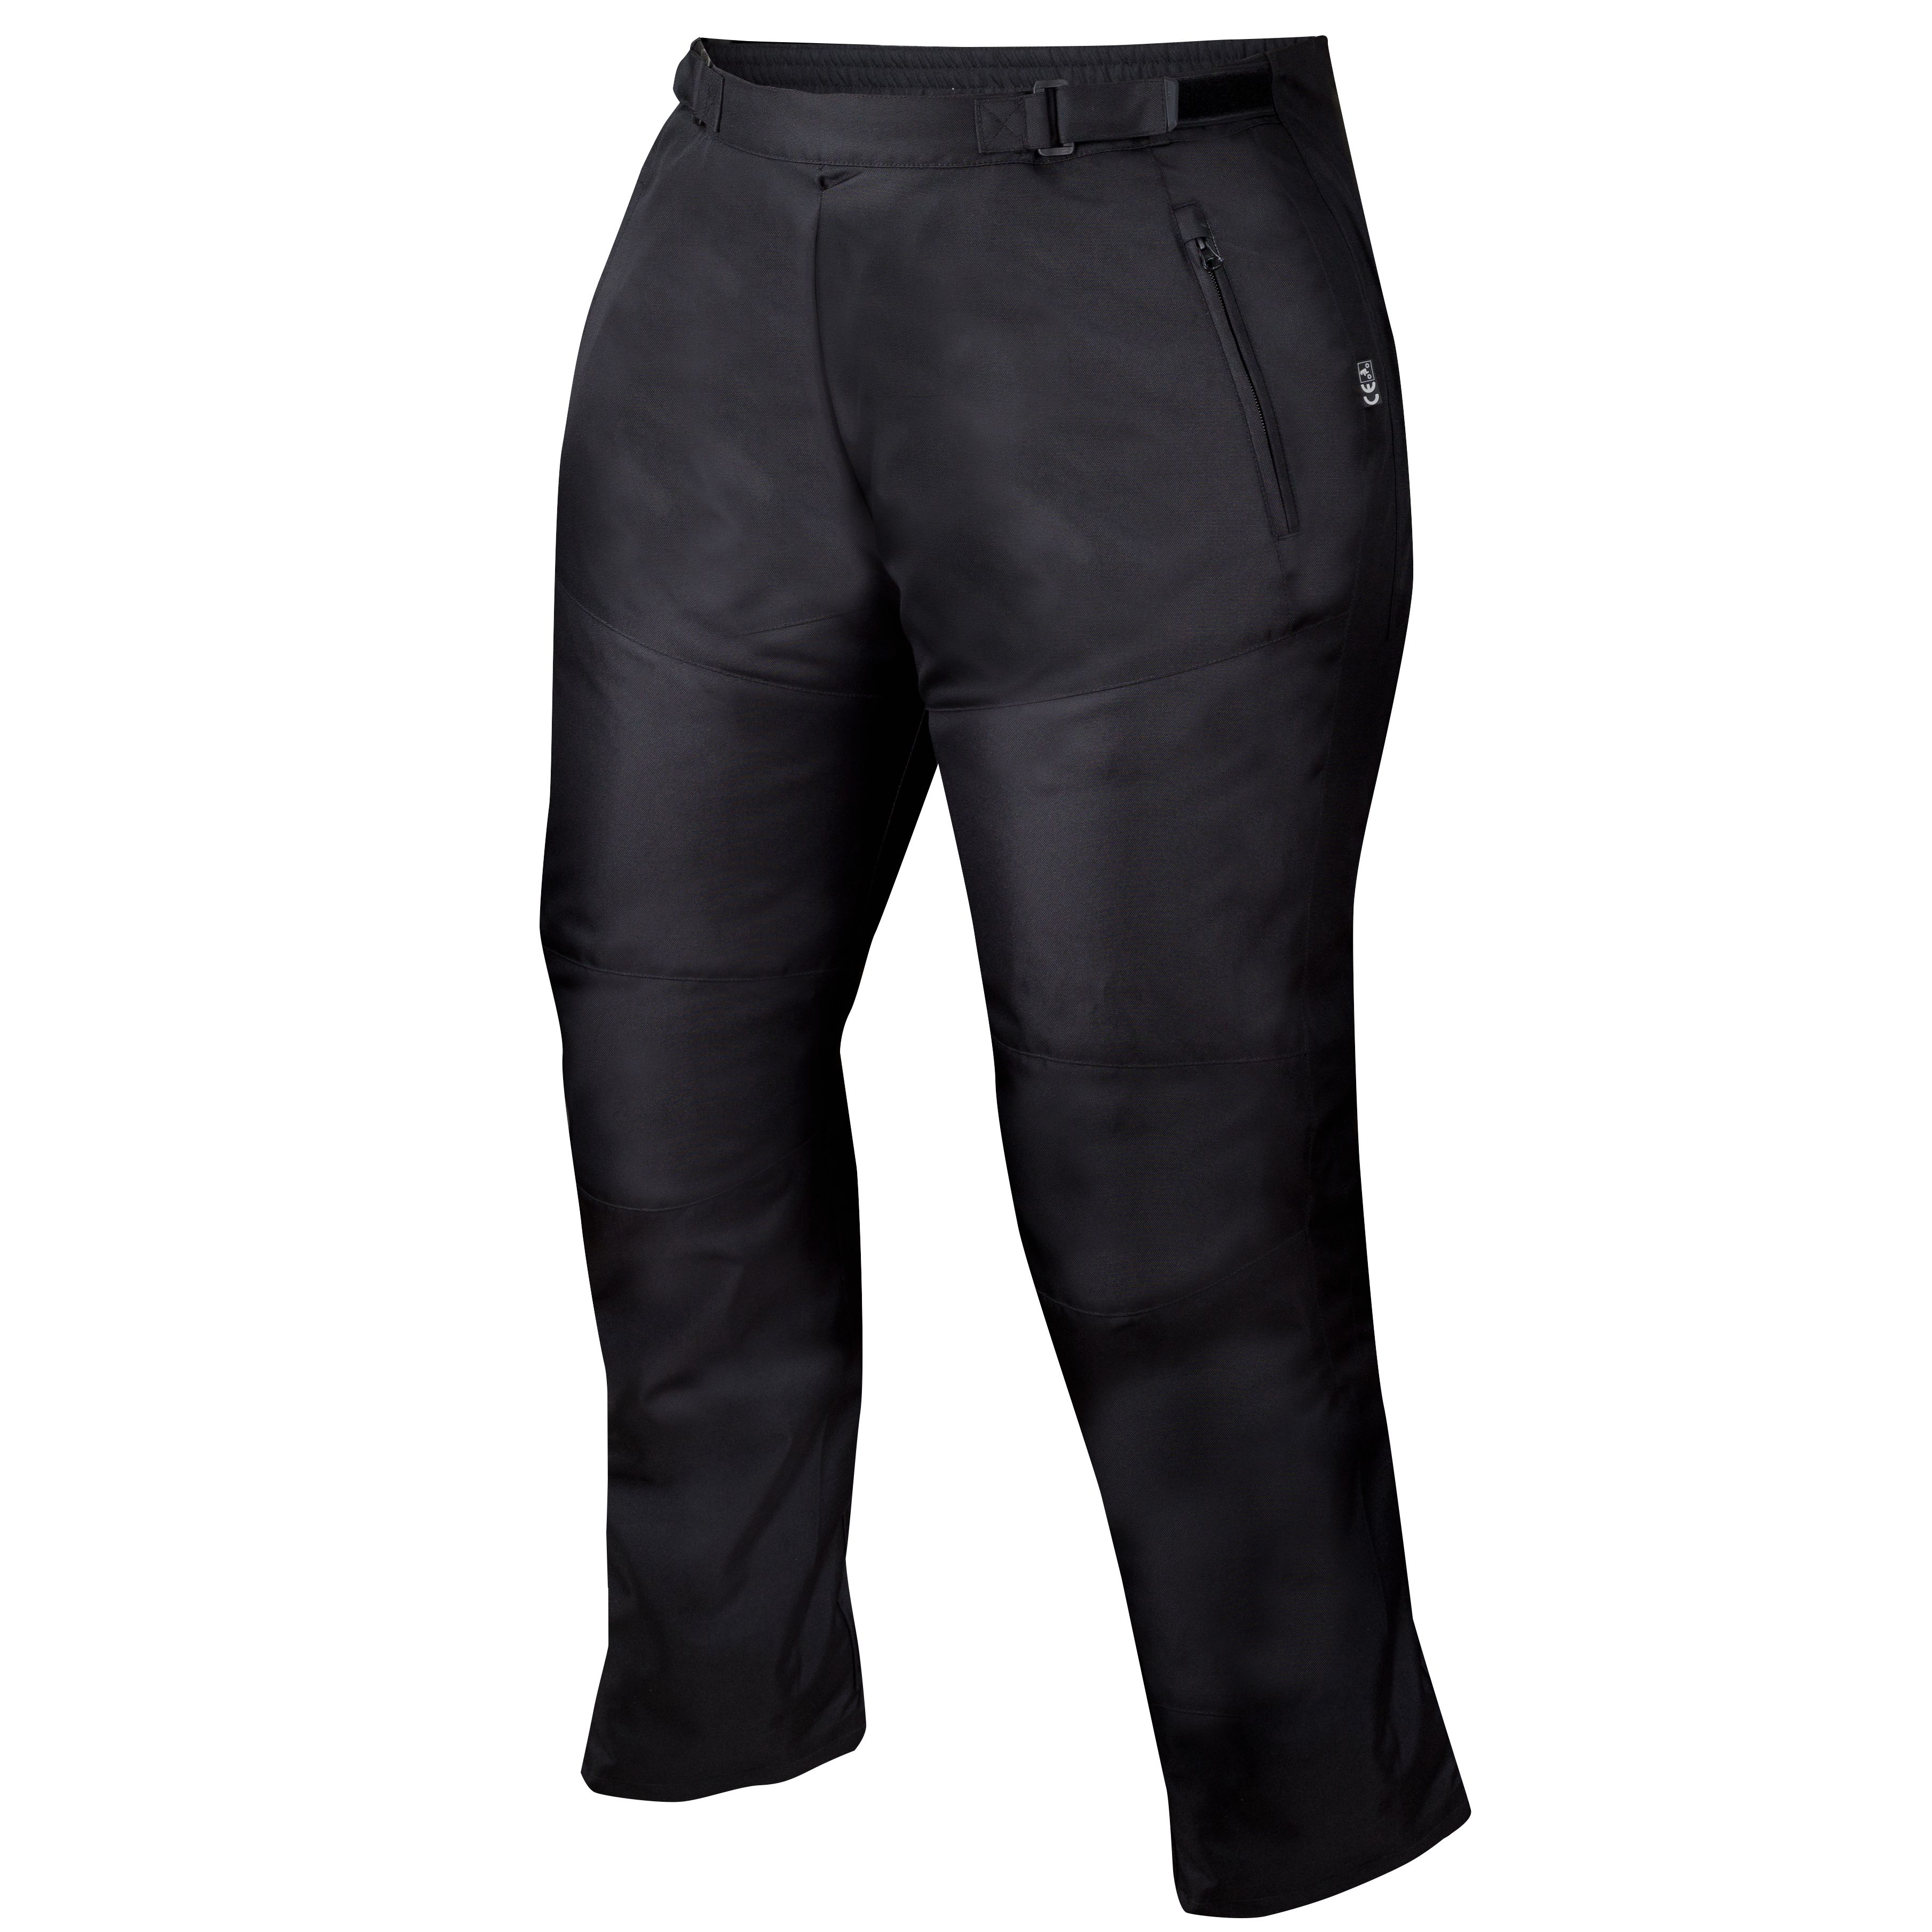 ac787029c48f Pantaloni Bering LADY BARTONE TAGLIE COMODE - Pantaloni moto